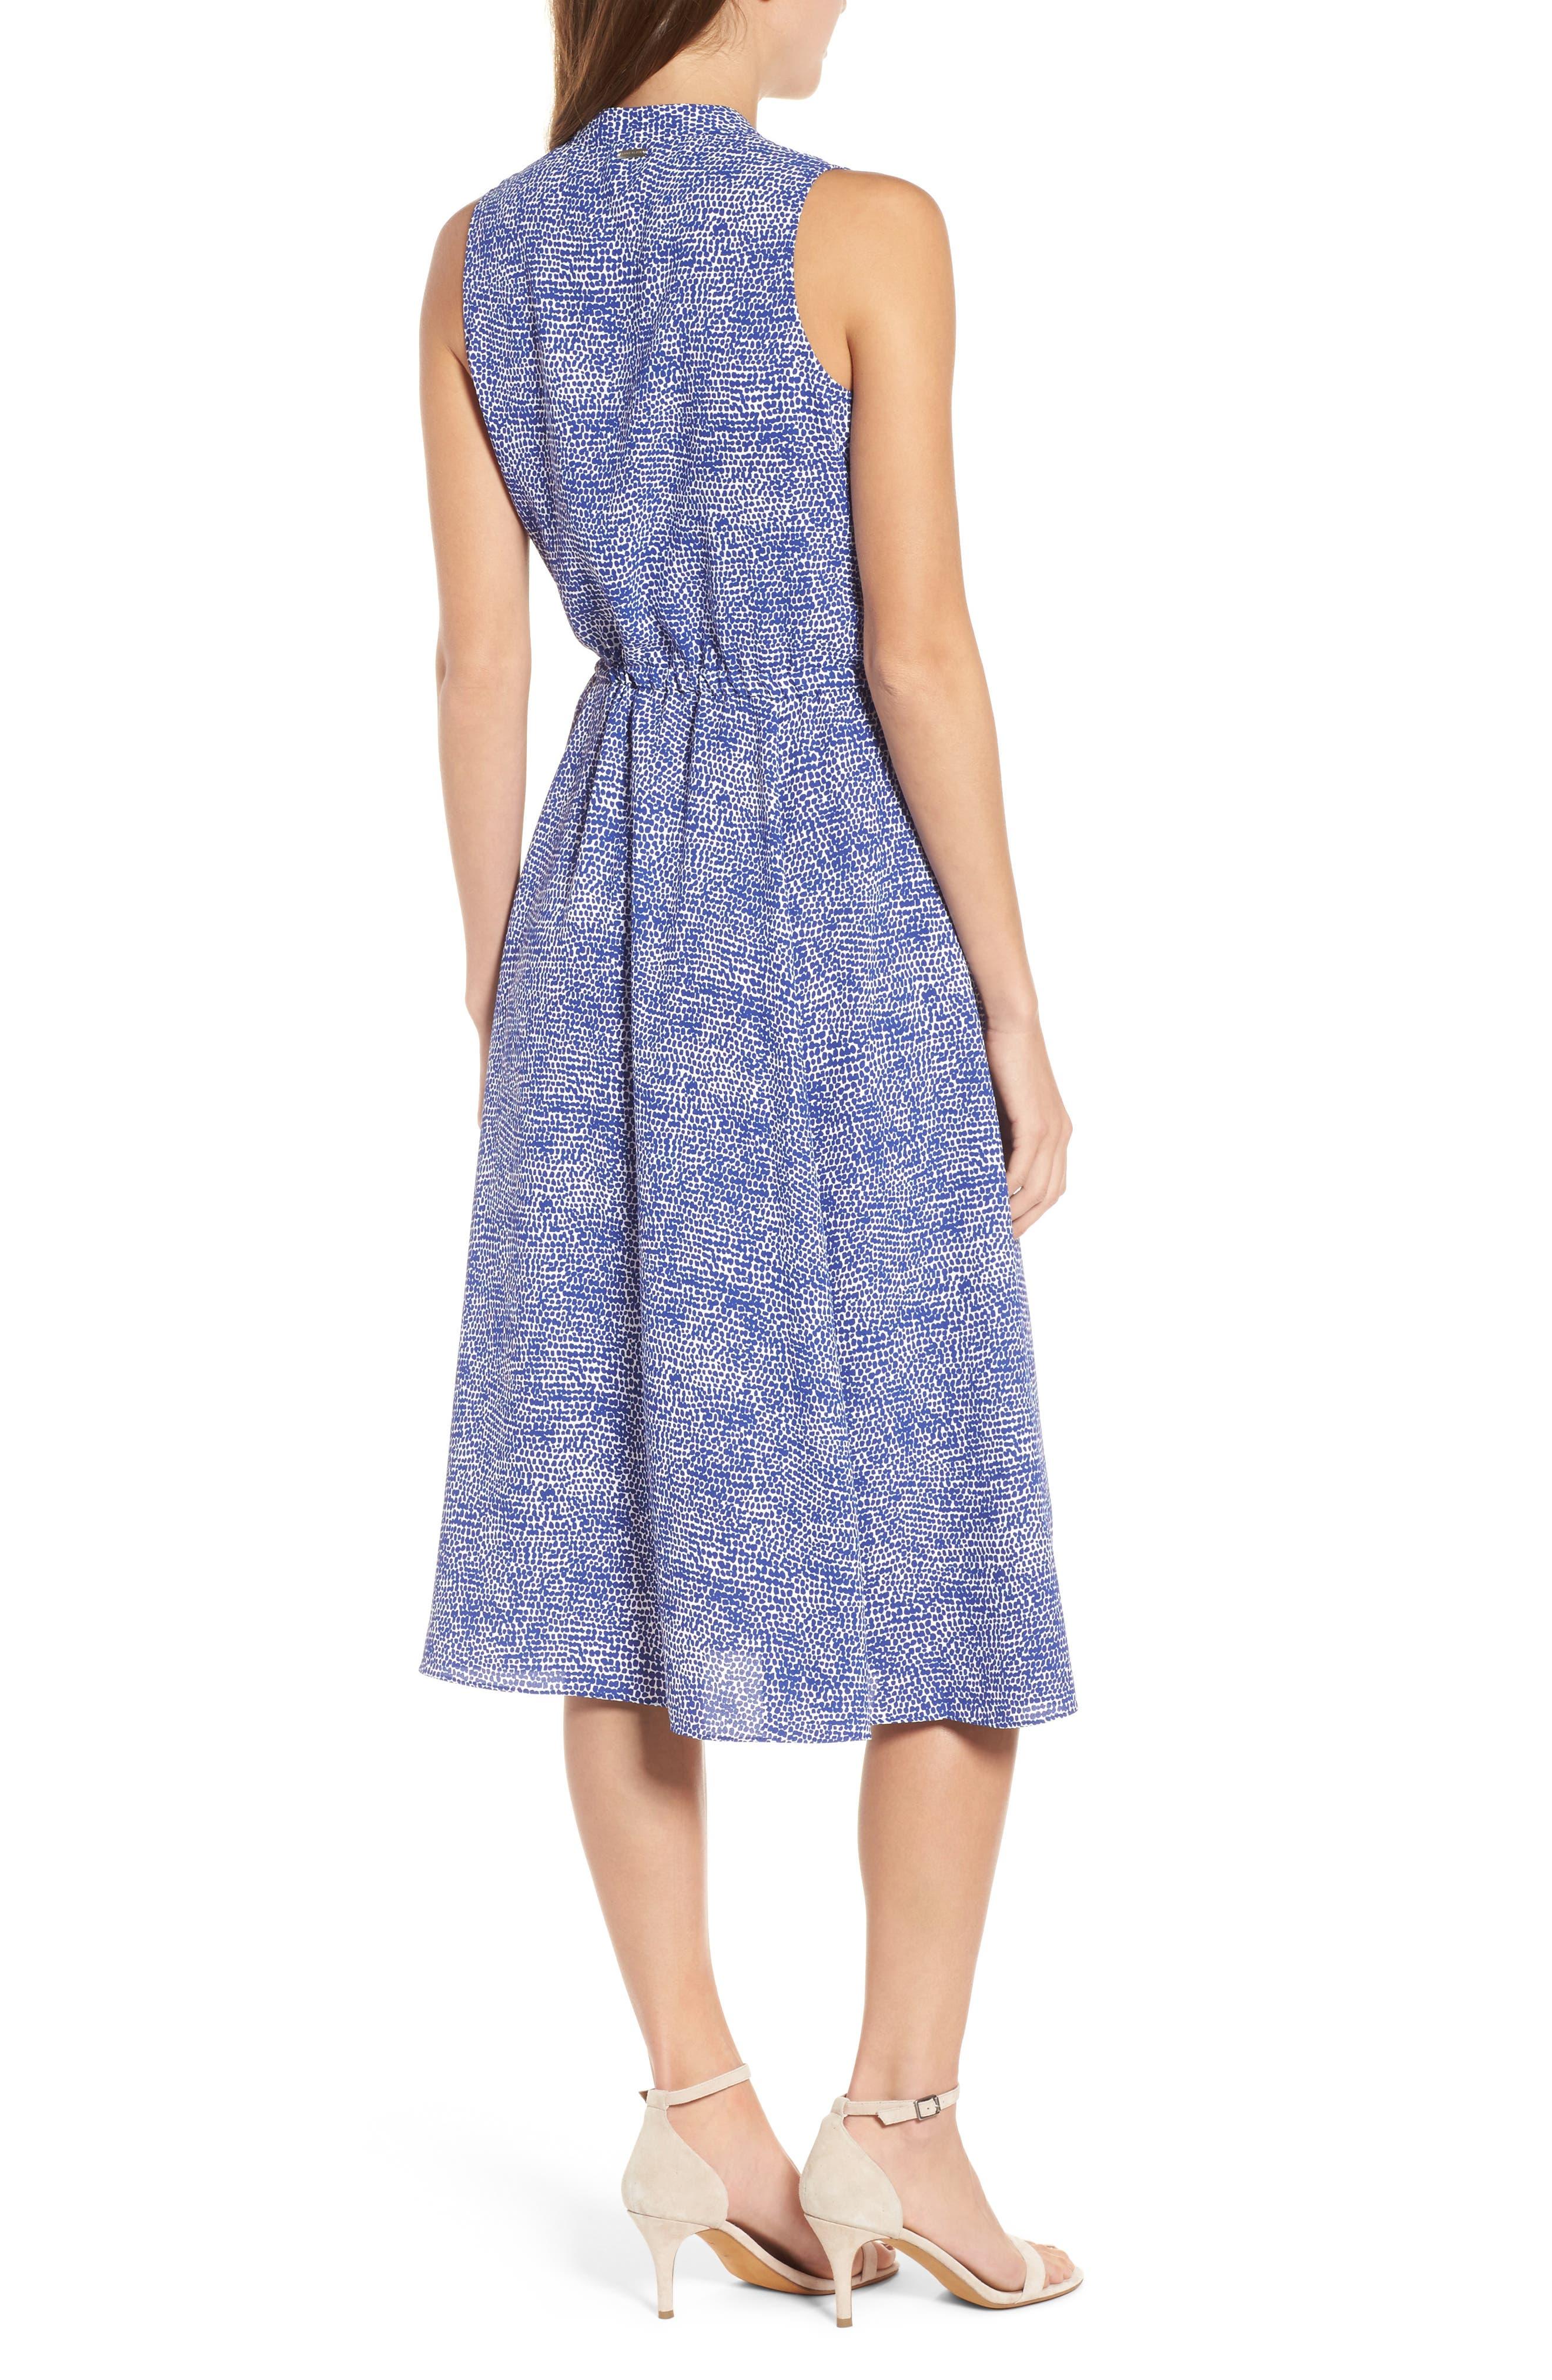 Print Drawstring Midi Dress,                             Alternate thumbnail 2, color,                             O Keefe Blue/ White Combo